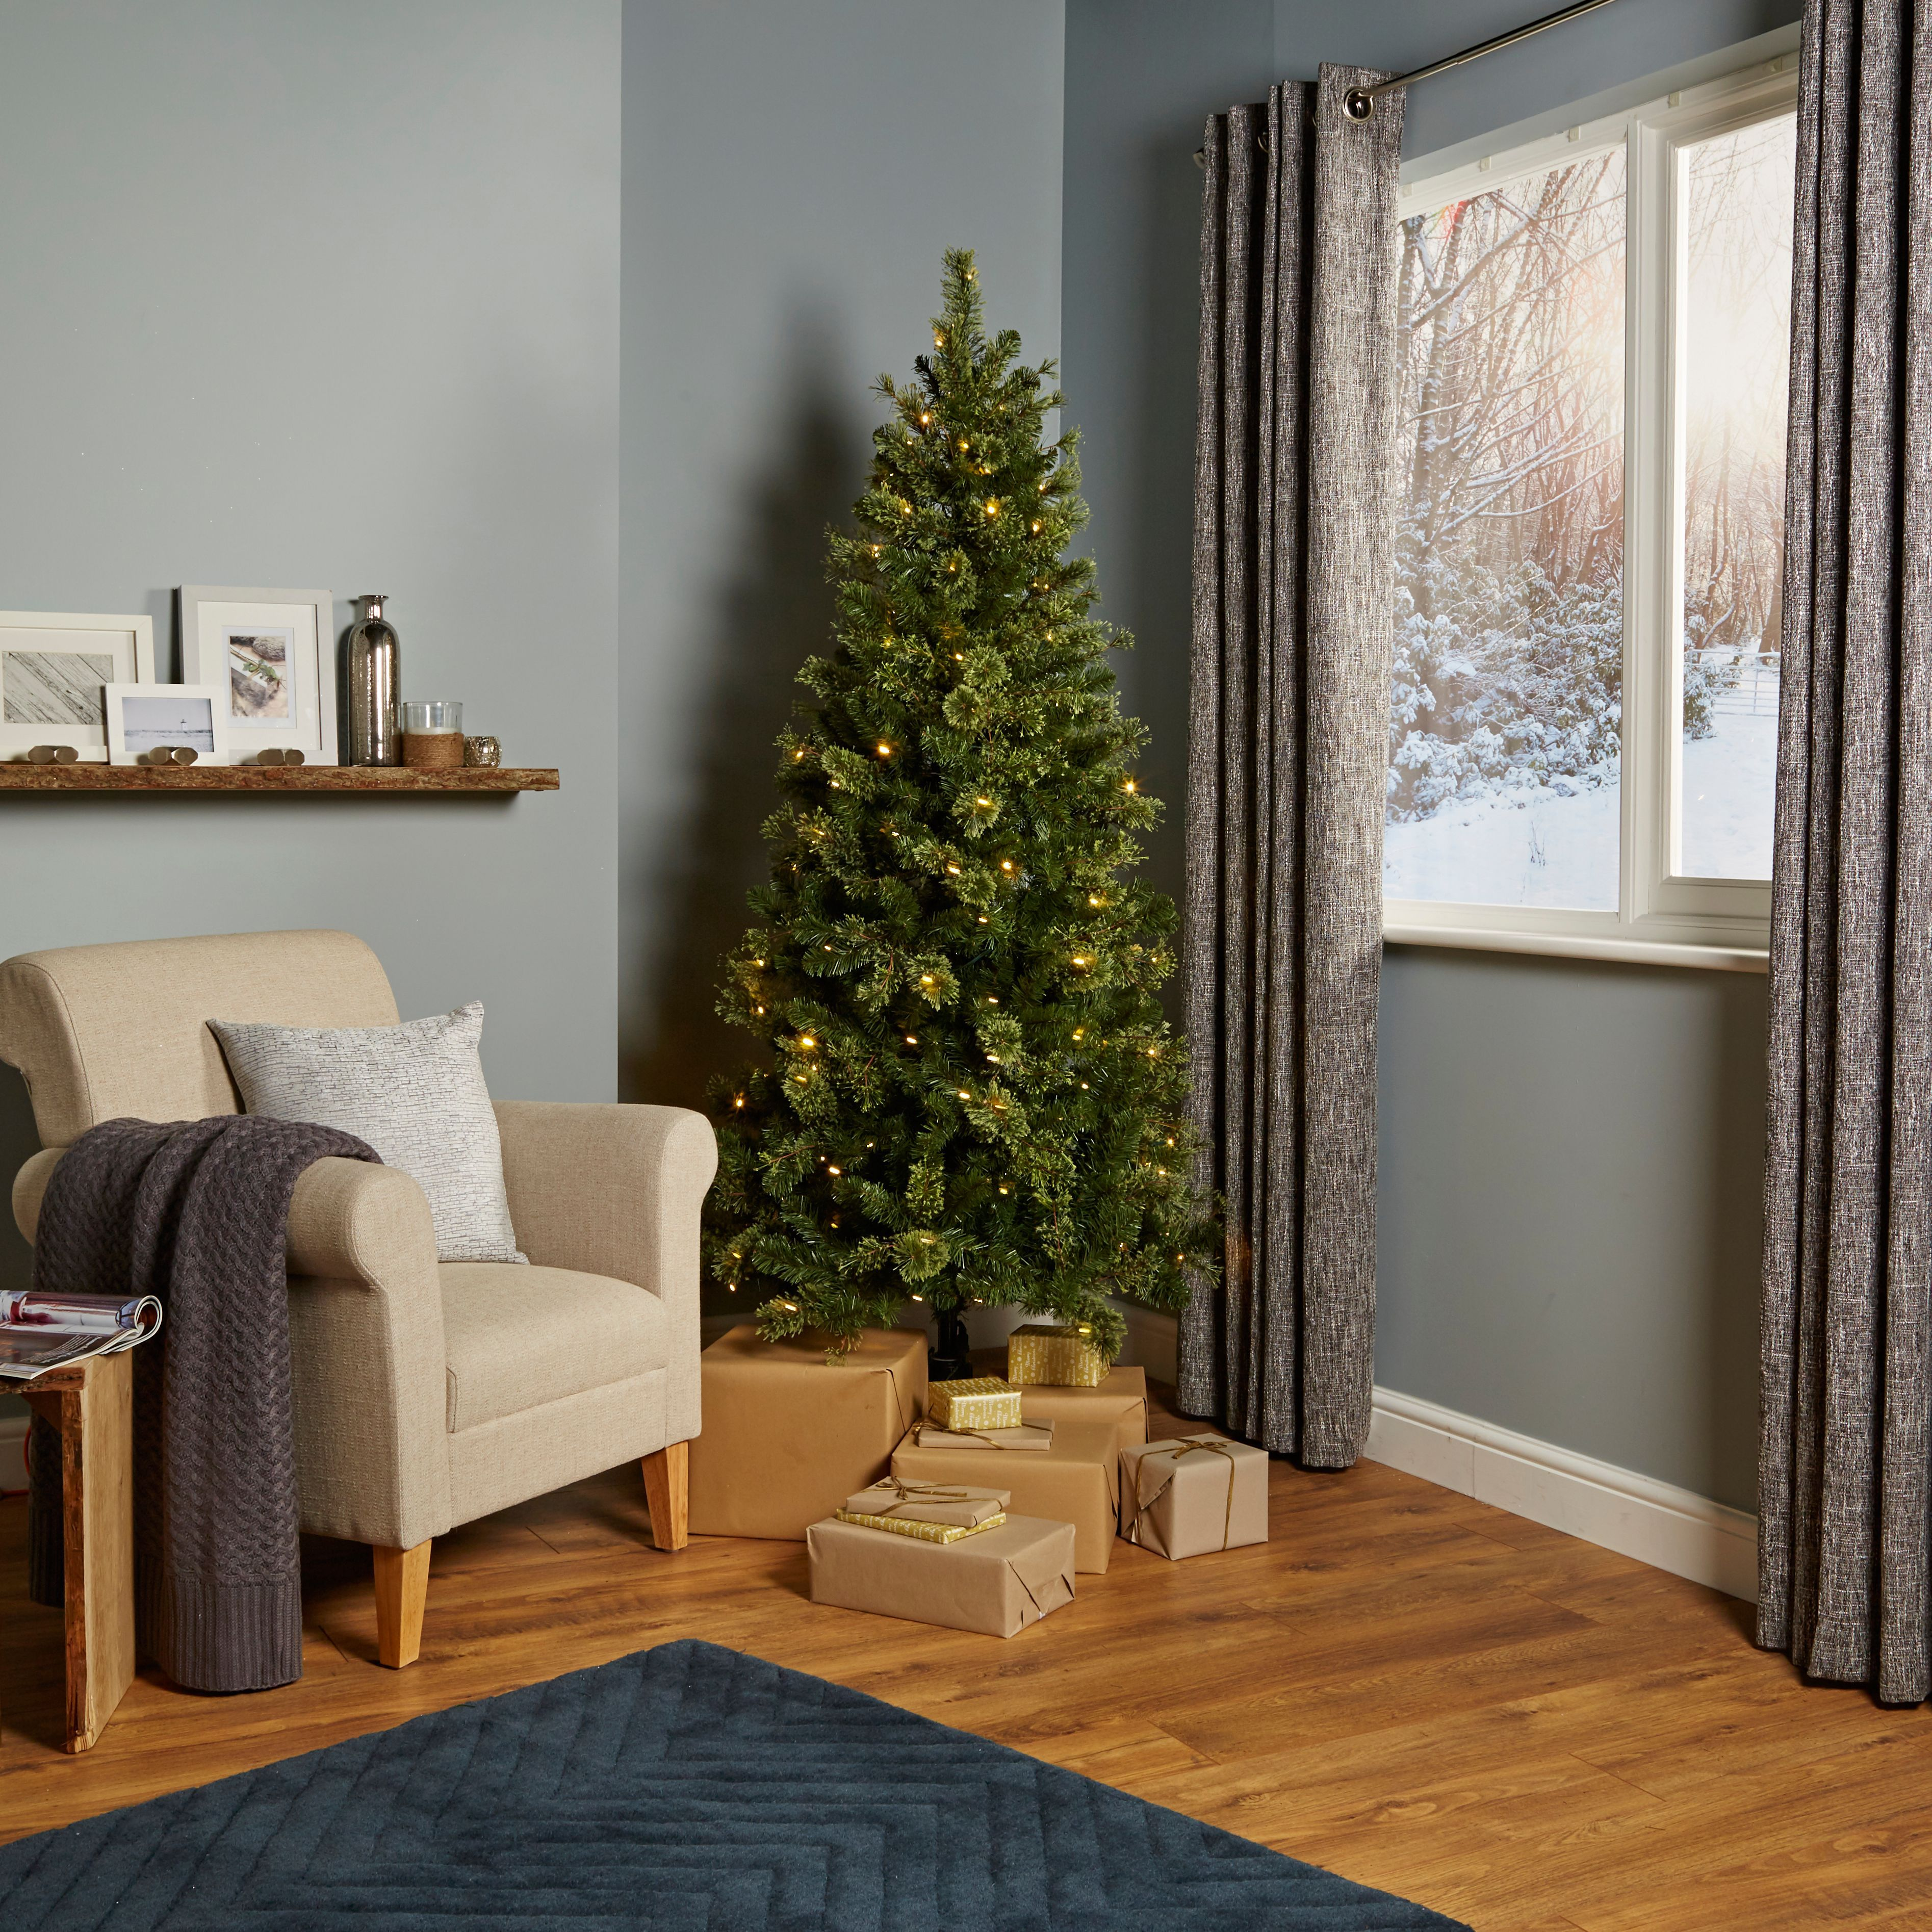 6ft 6In Pemberton Pre-Lit Christmas Tree   Departments   DIY at B&Q